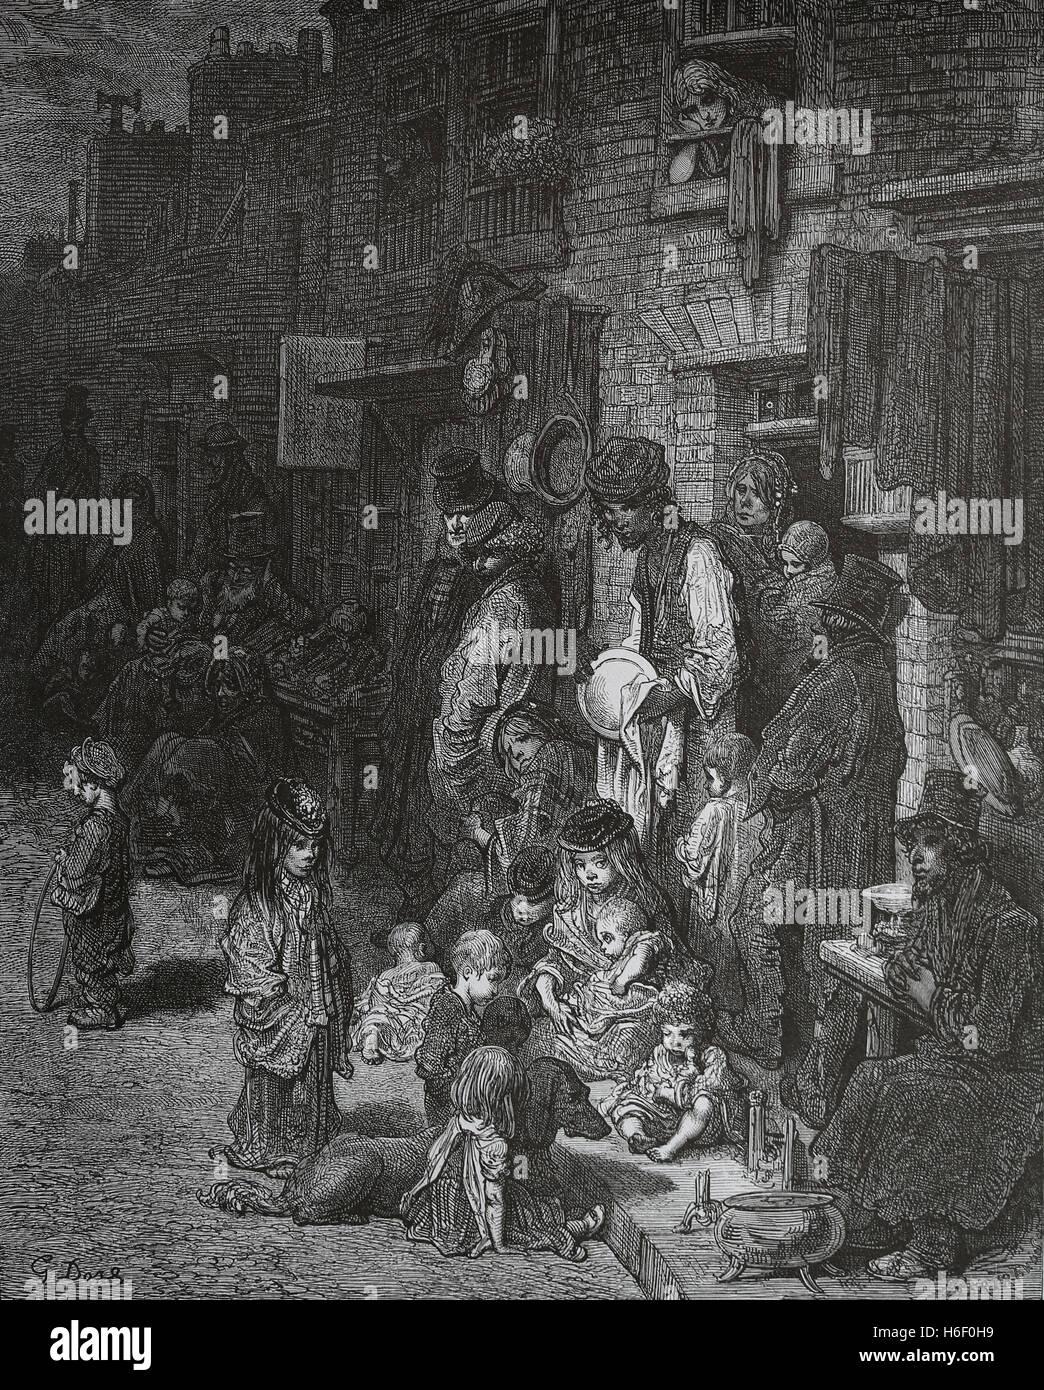 Vereinigtes Königreich. London. Whitechapel. Nachbarschaft der Arbeiterklasse. Gravur von Gustave Dore, London; Stockfoto